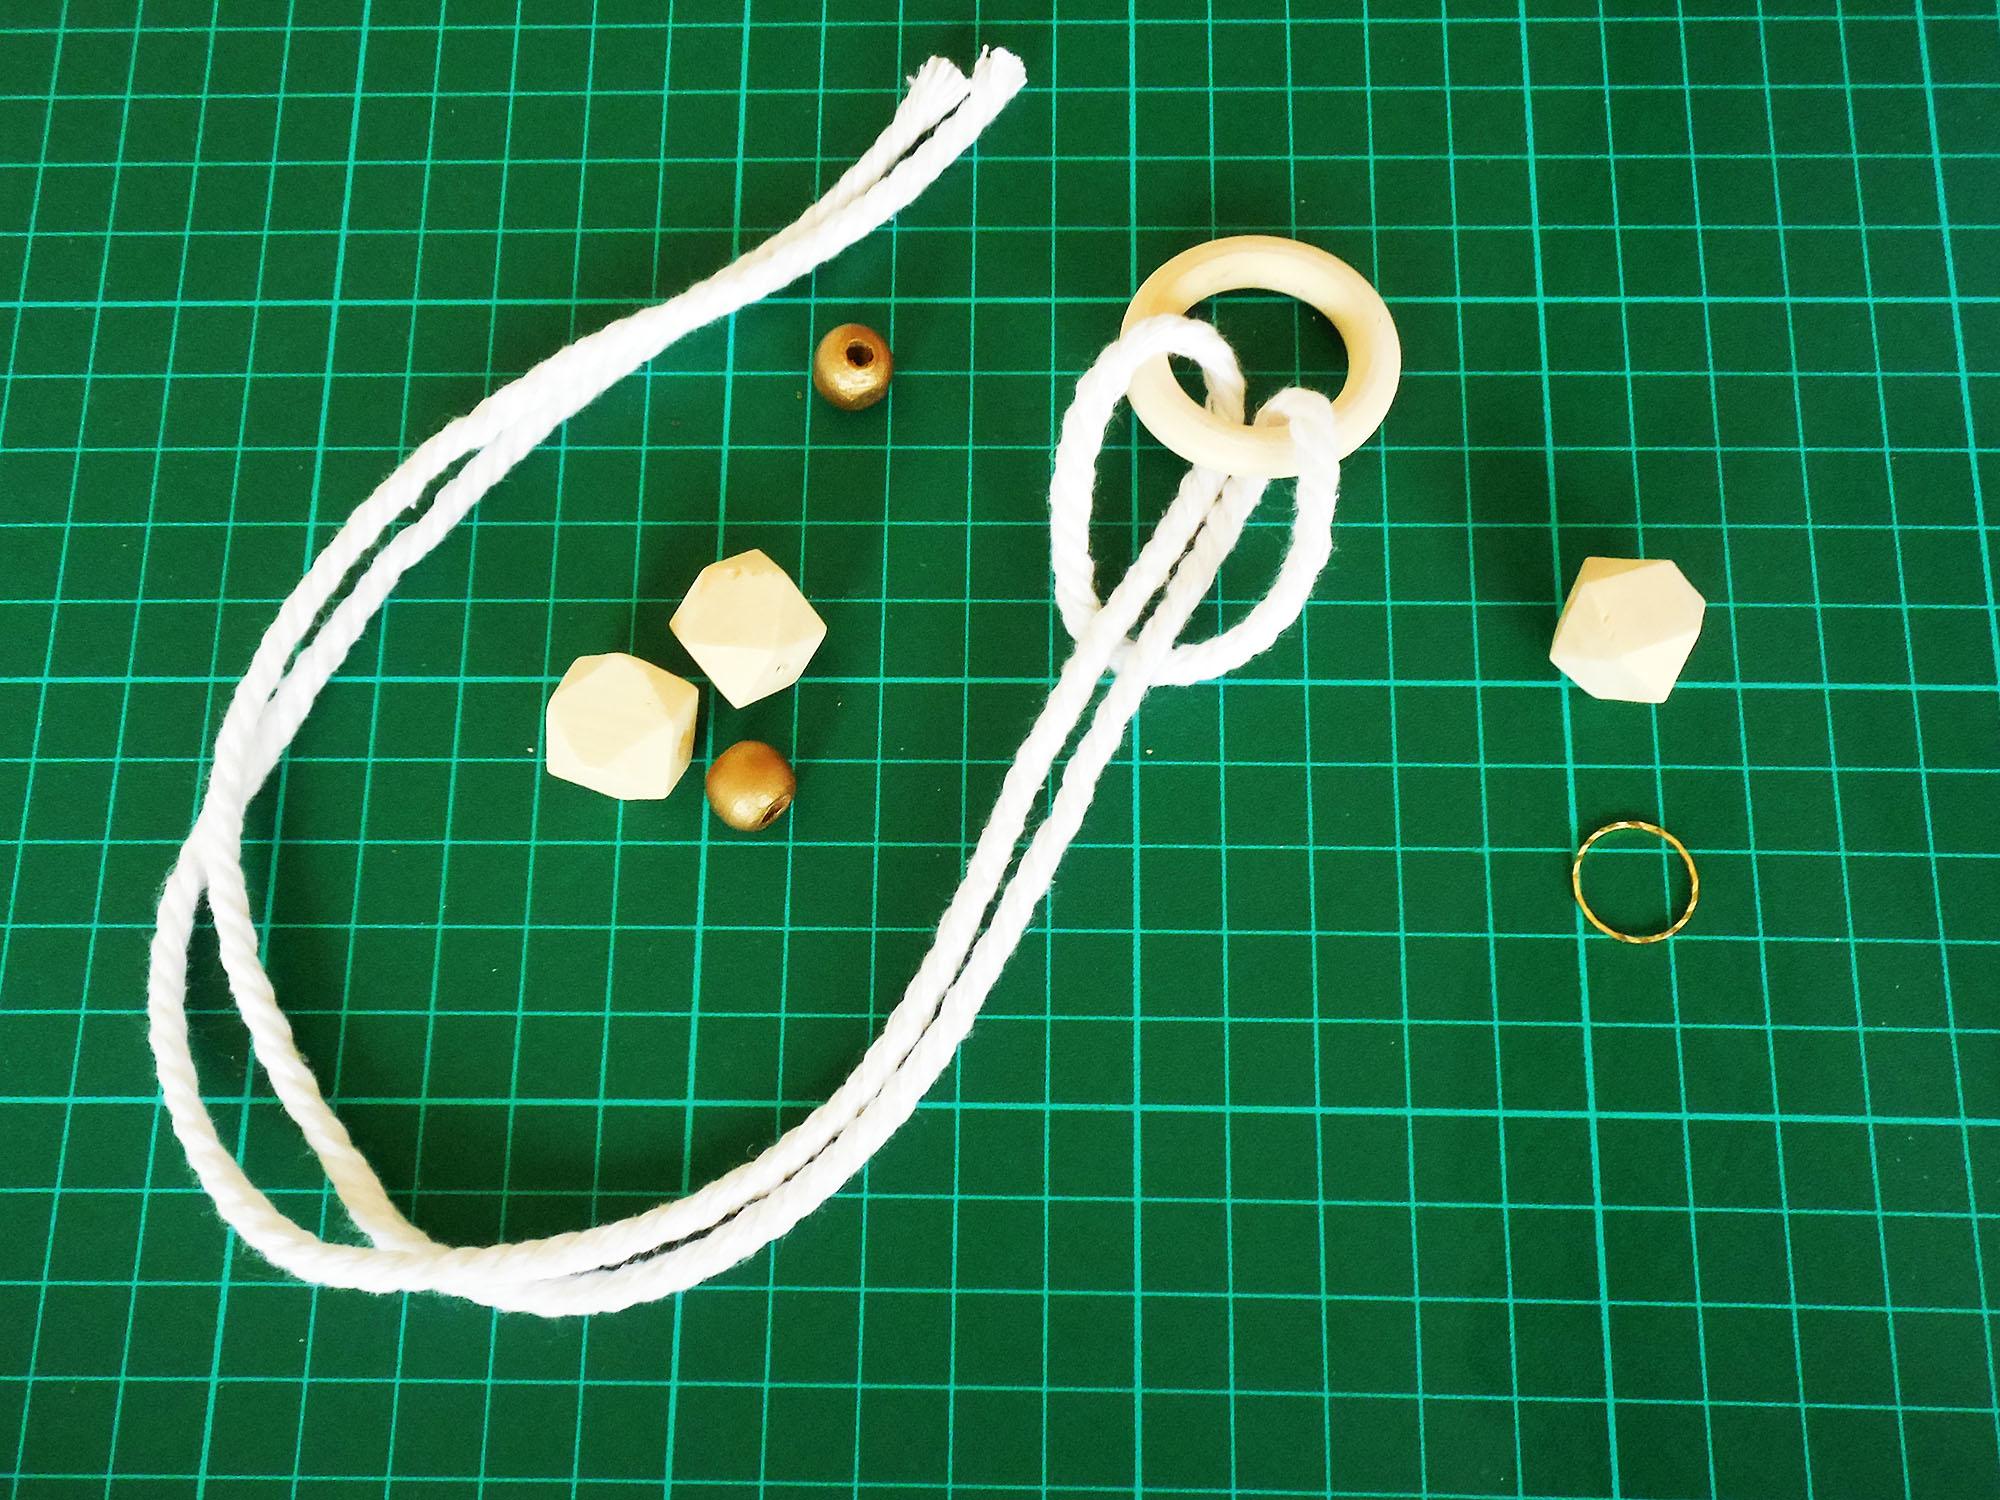 tuto facile fabriquer une suspension de noel - Jeanne s'amuse